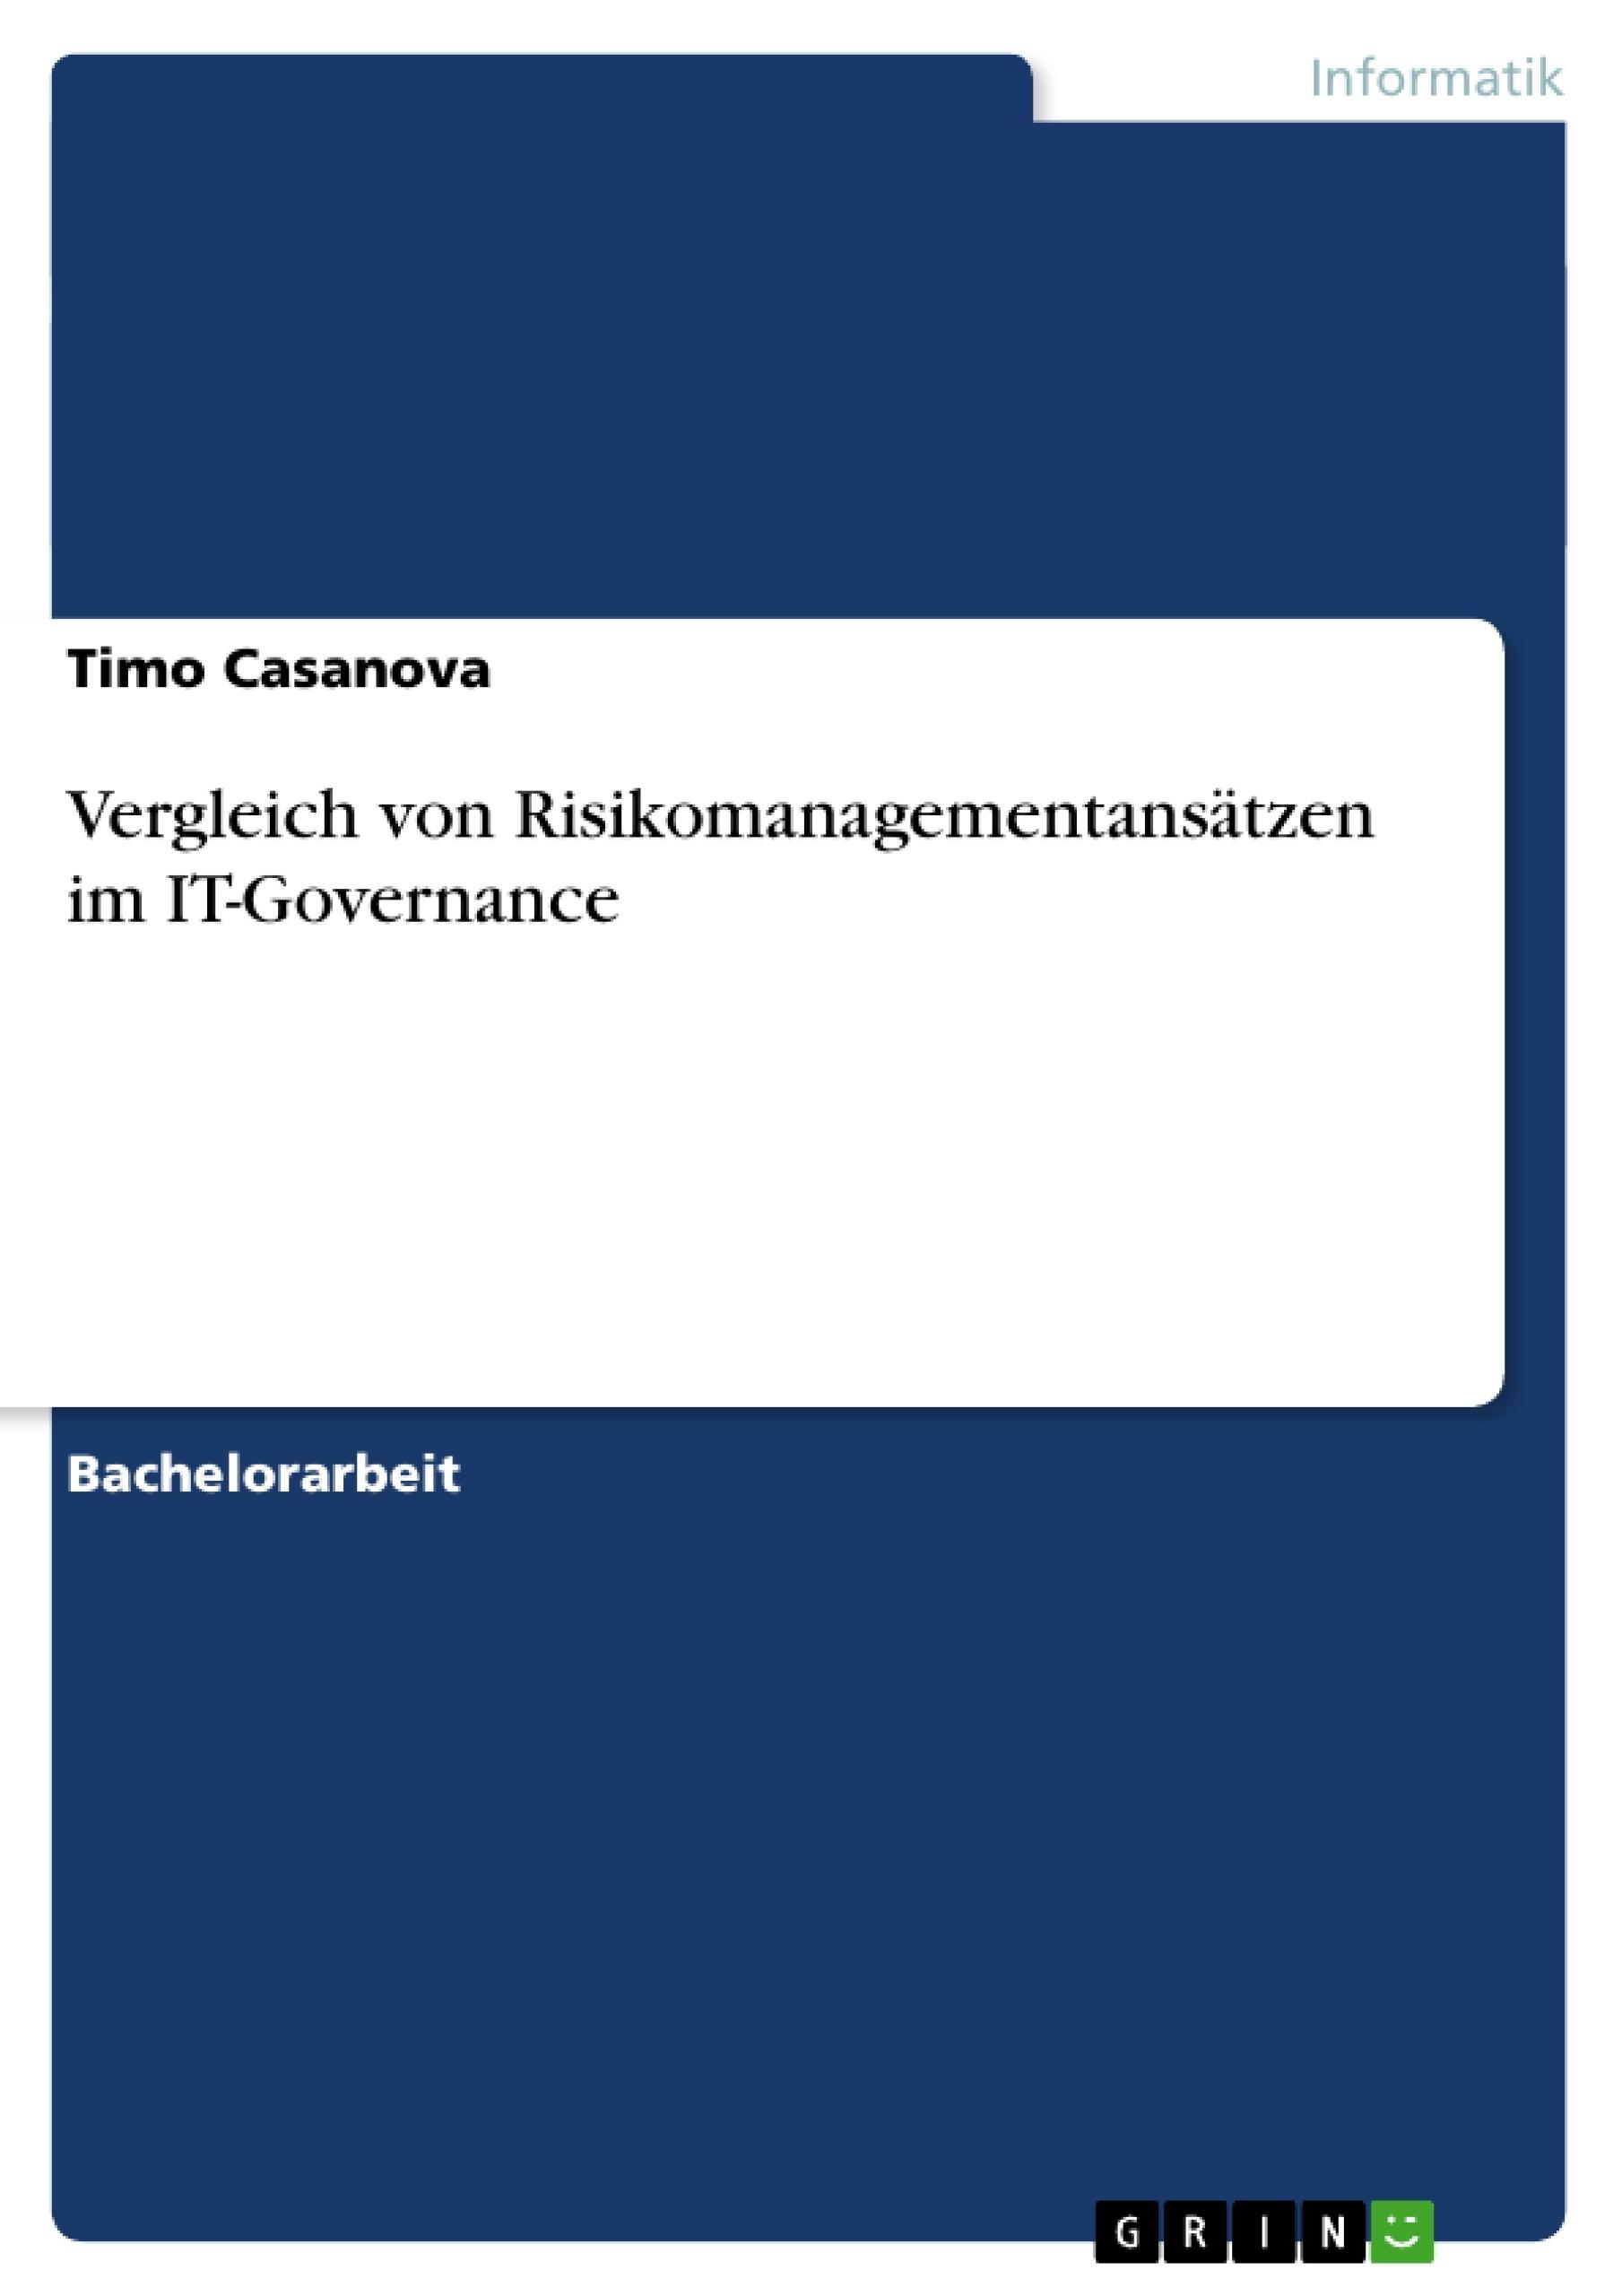 Titel: Vergleich von Risikomanagementansätzen im IT-Governance